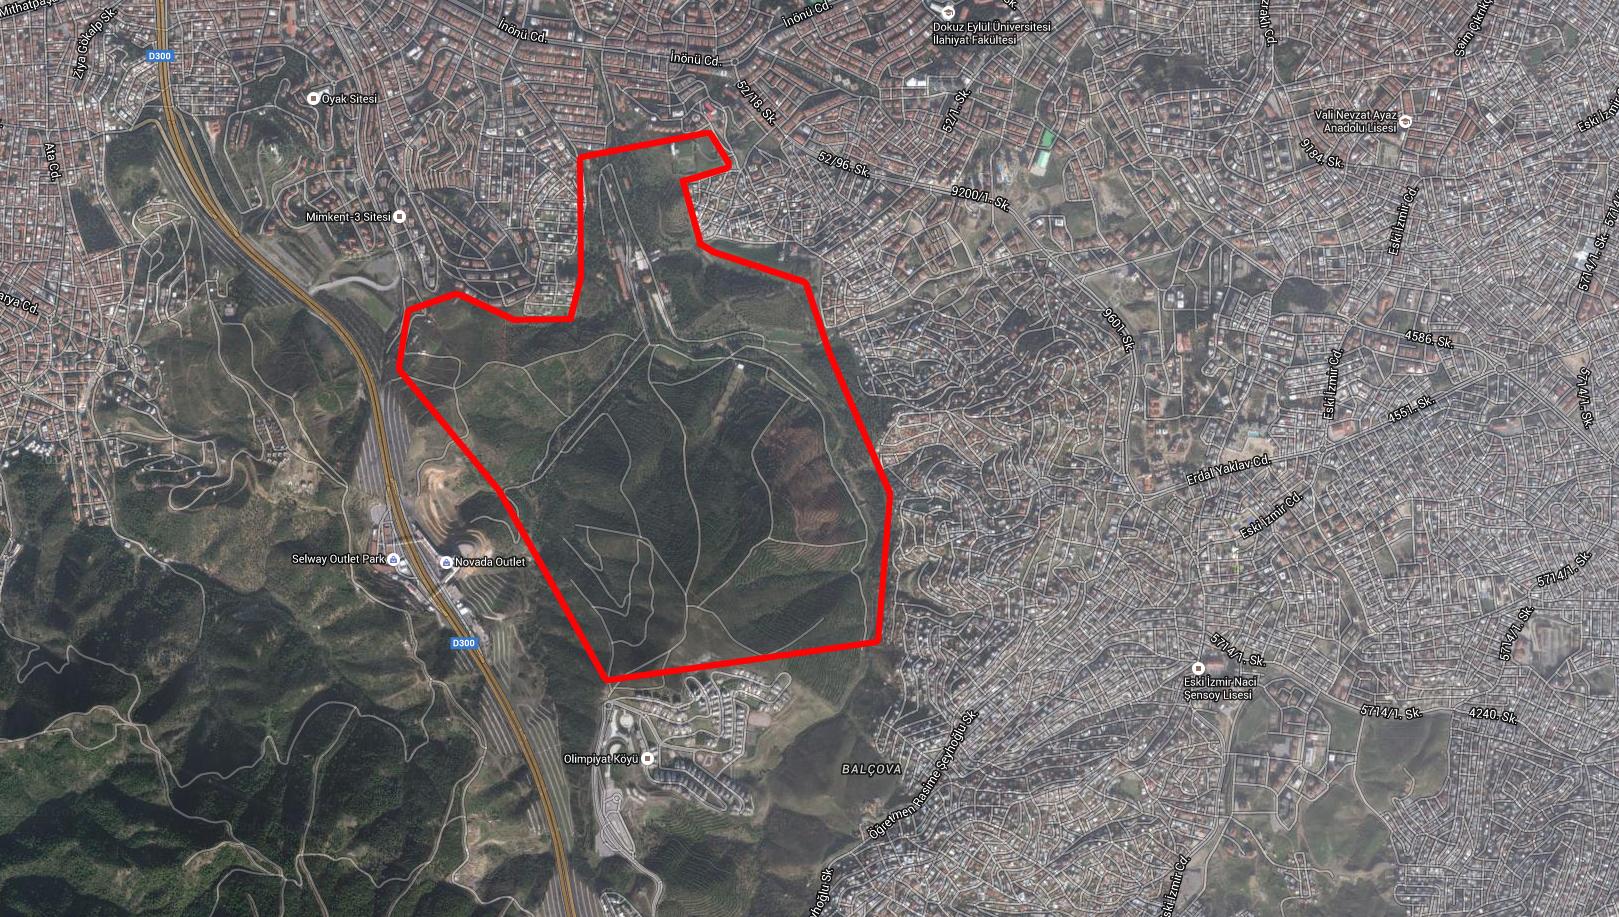 Askeri alan yağması İzmir'de: AKP Poligon'daki 180 dönümlük araziyi yapılaşmaya açmaya çalışıyor